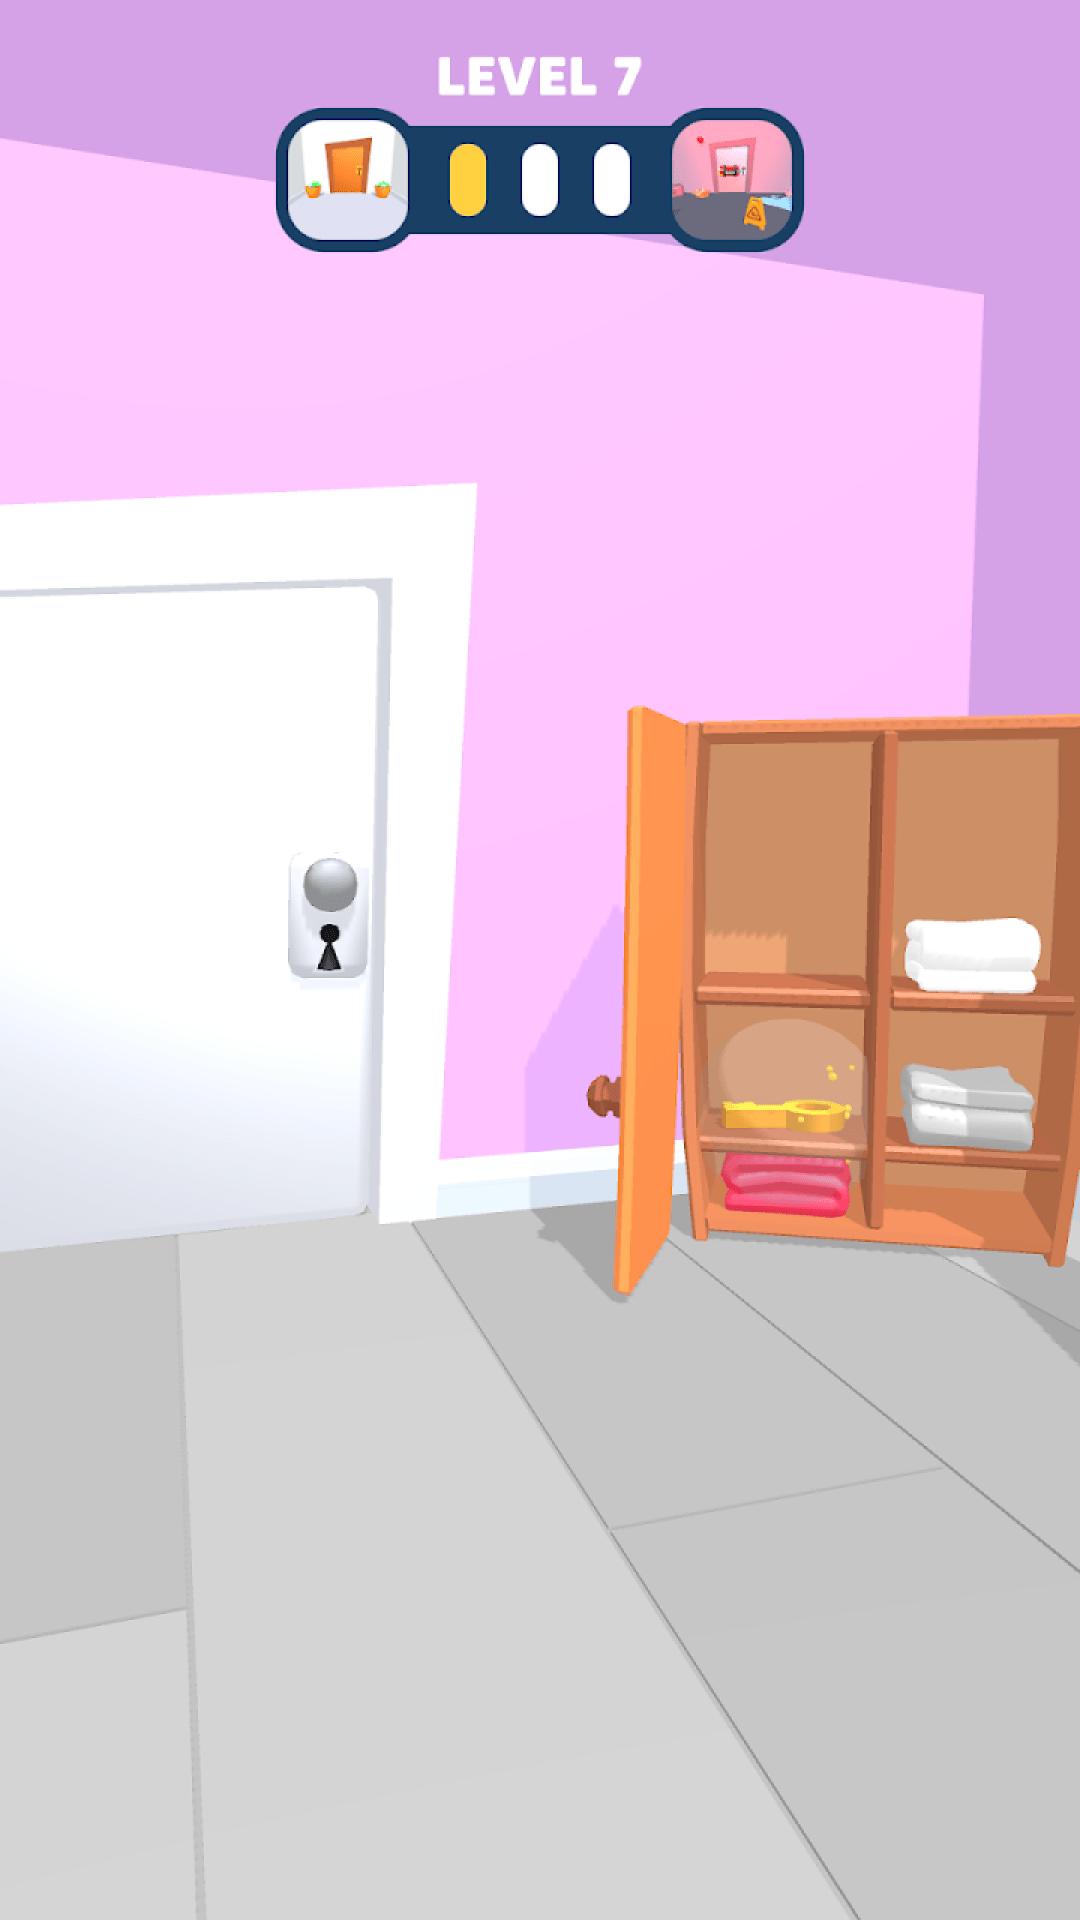 打开这扇门游戏